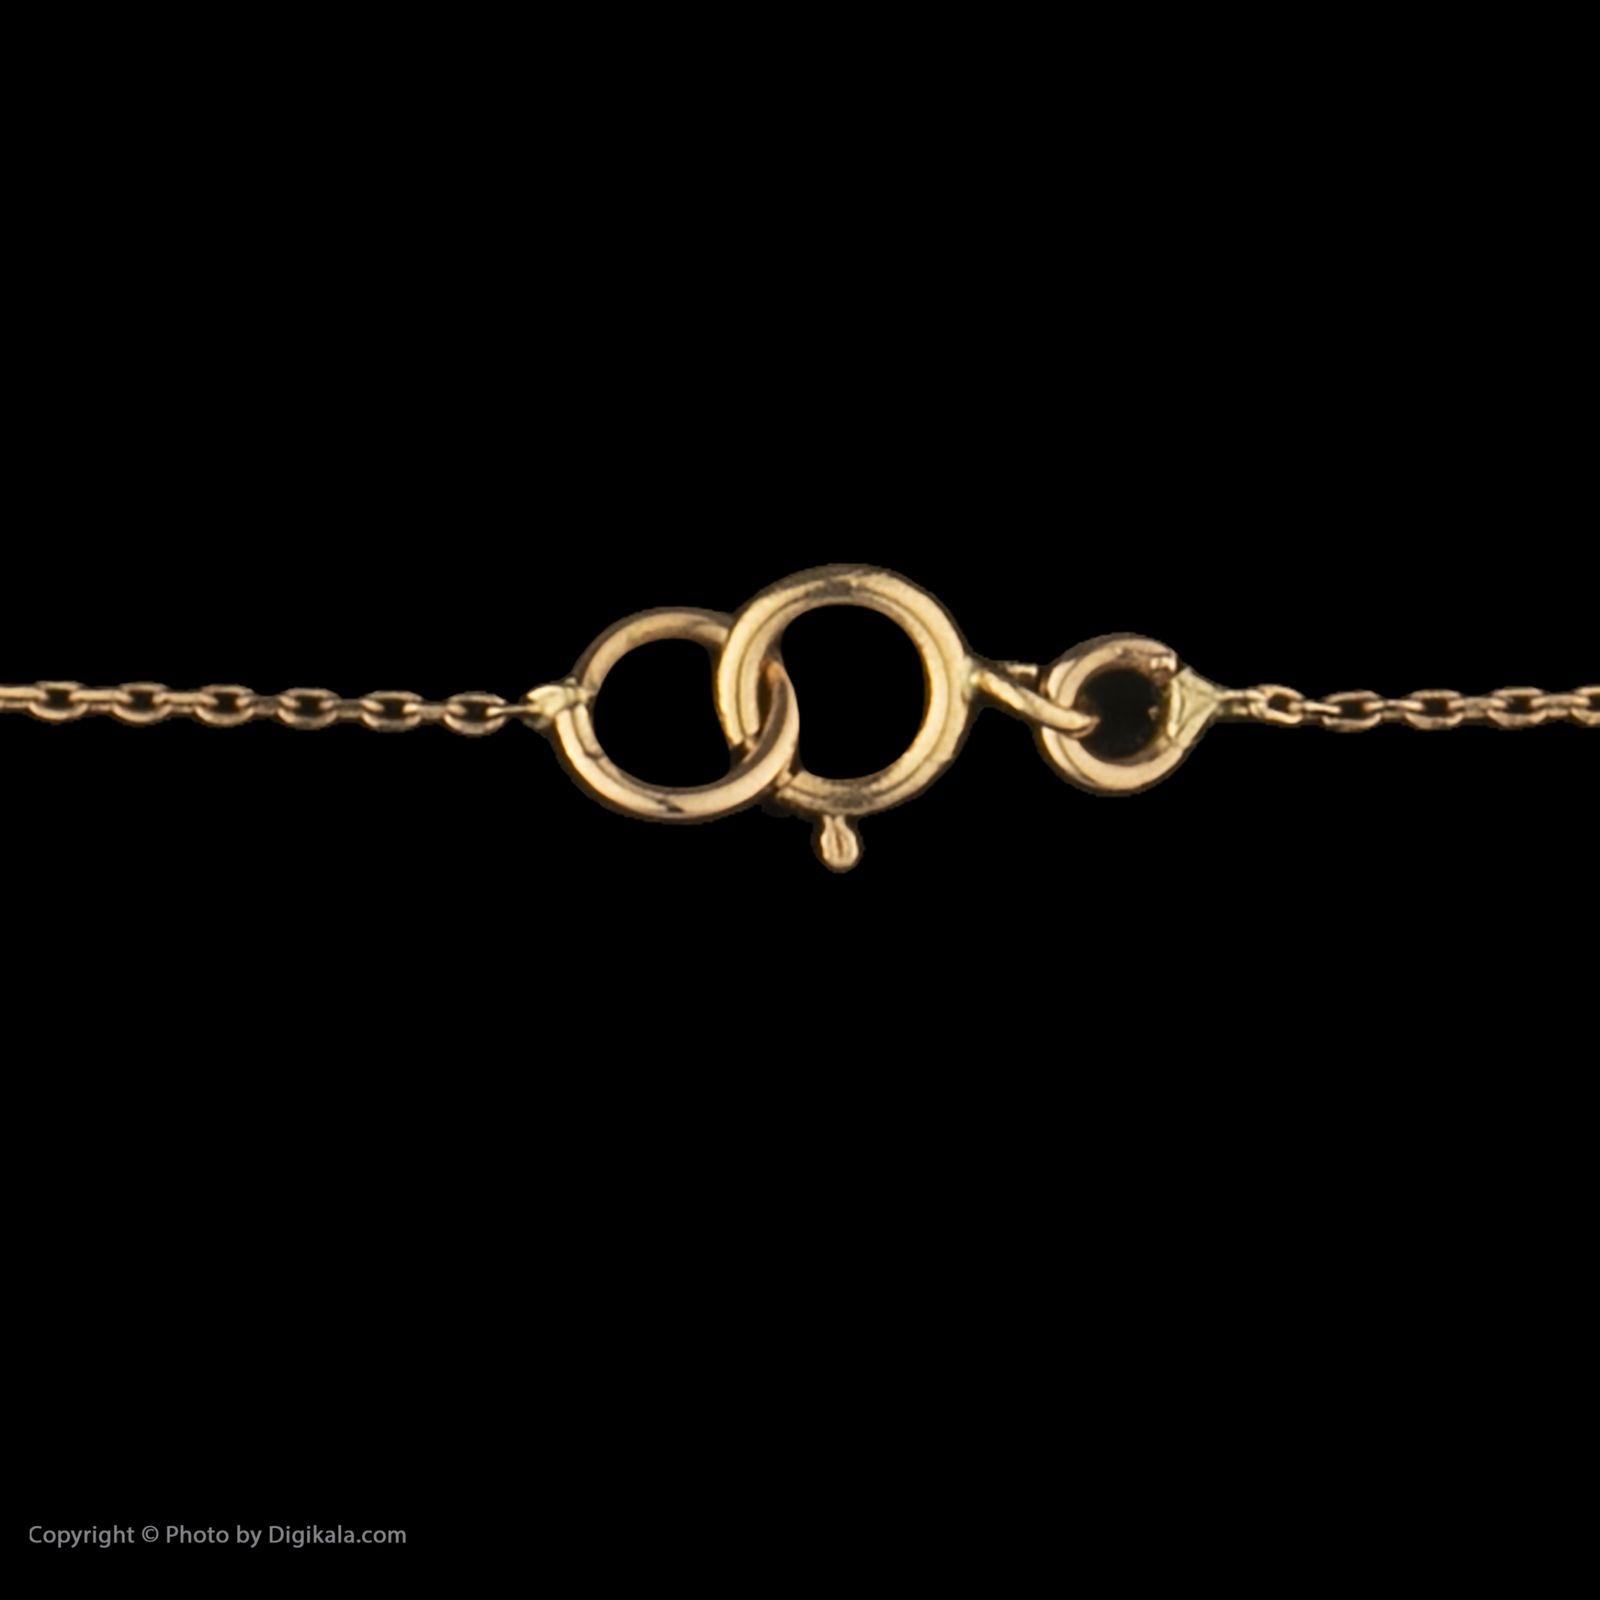 گردنبند طلا 18 عیار زنانه سنجاق مدل X077525 -  - 4